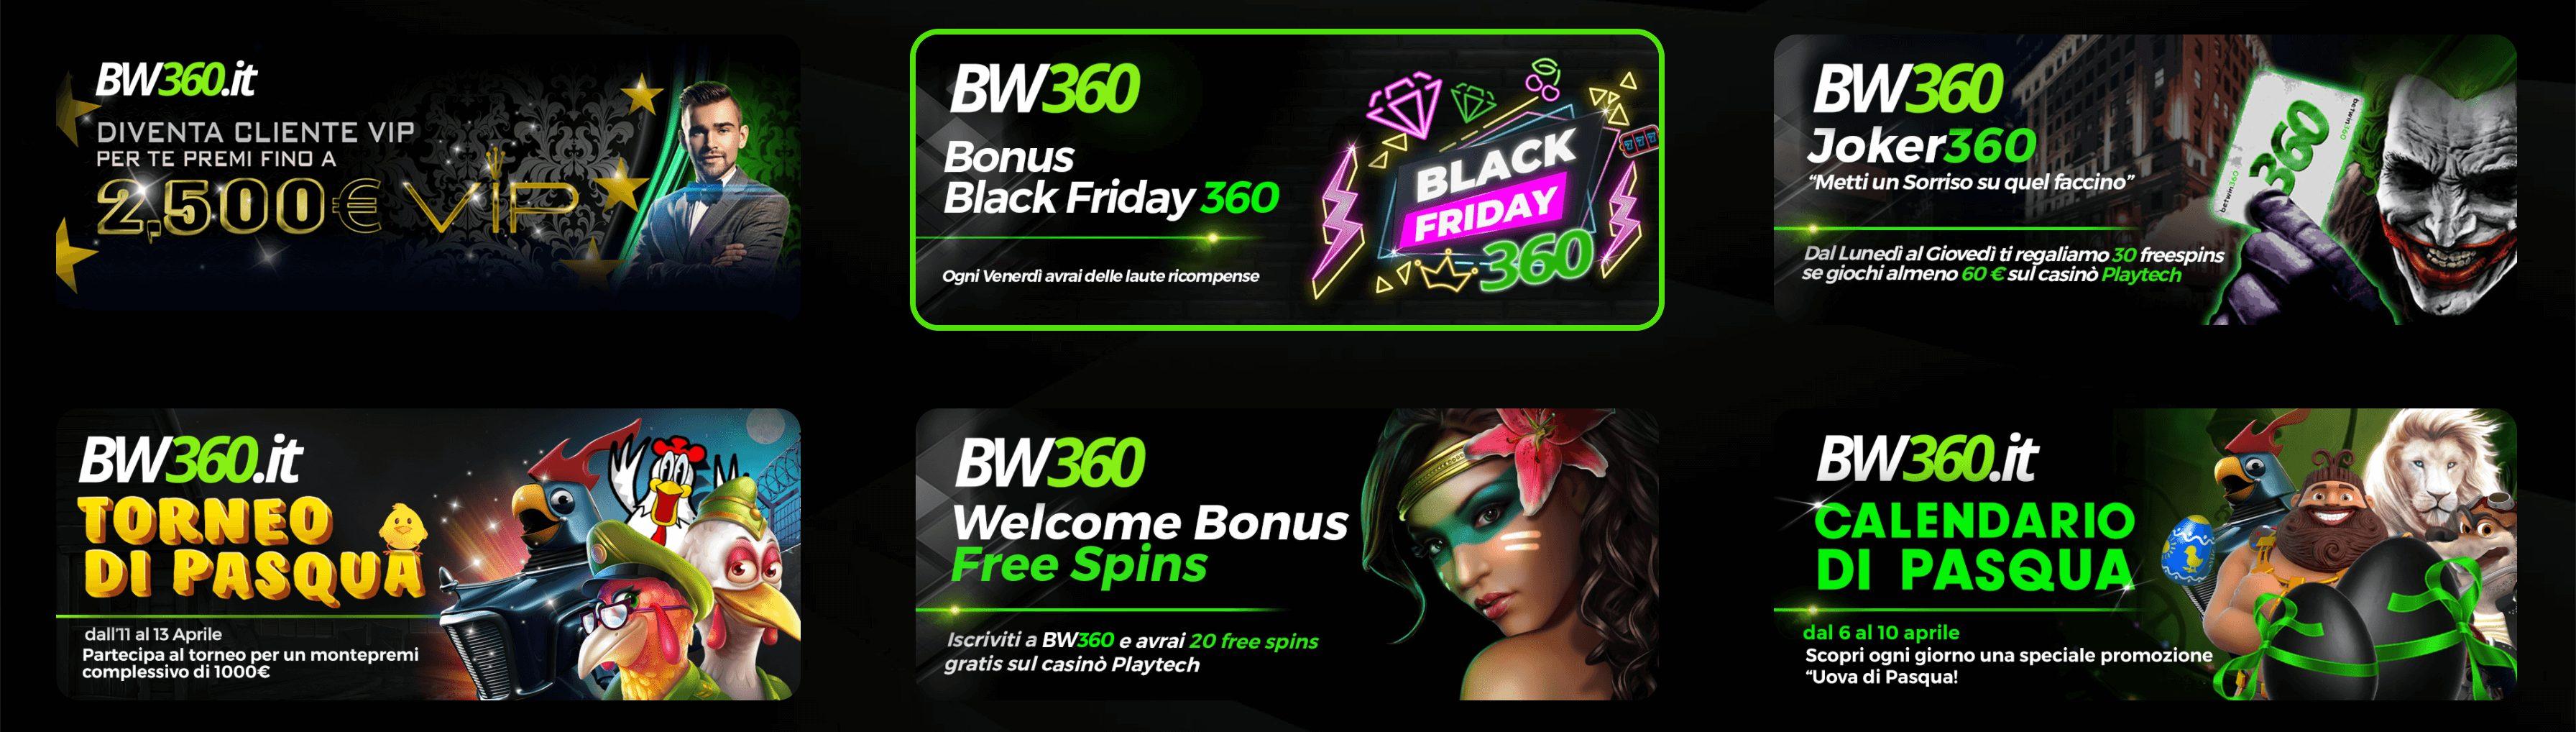 bw360 betwinner bonus promo casino